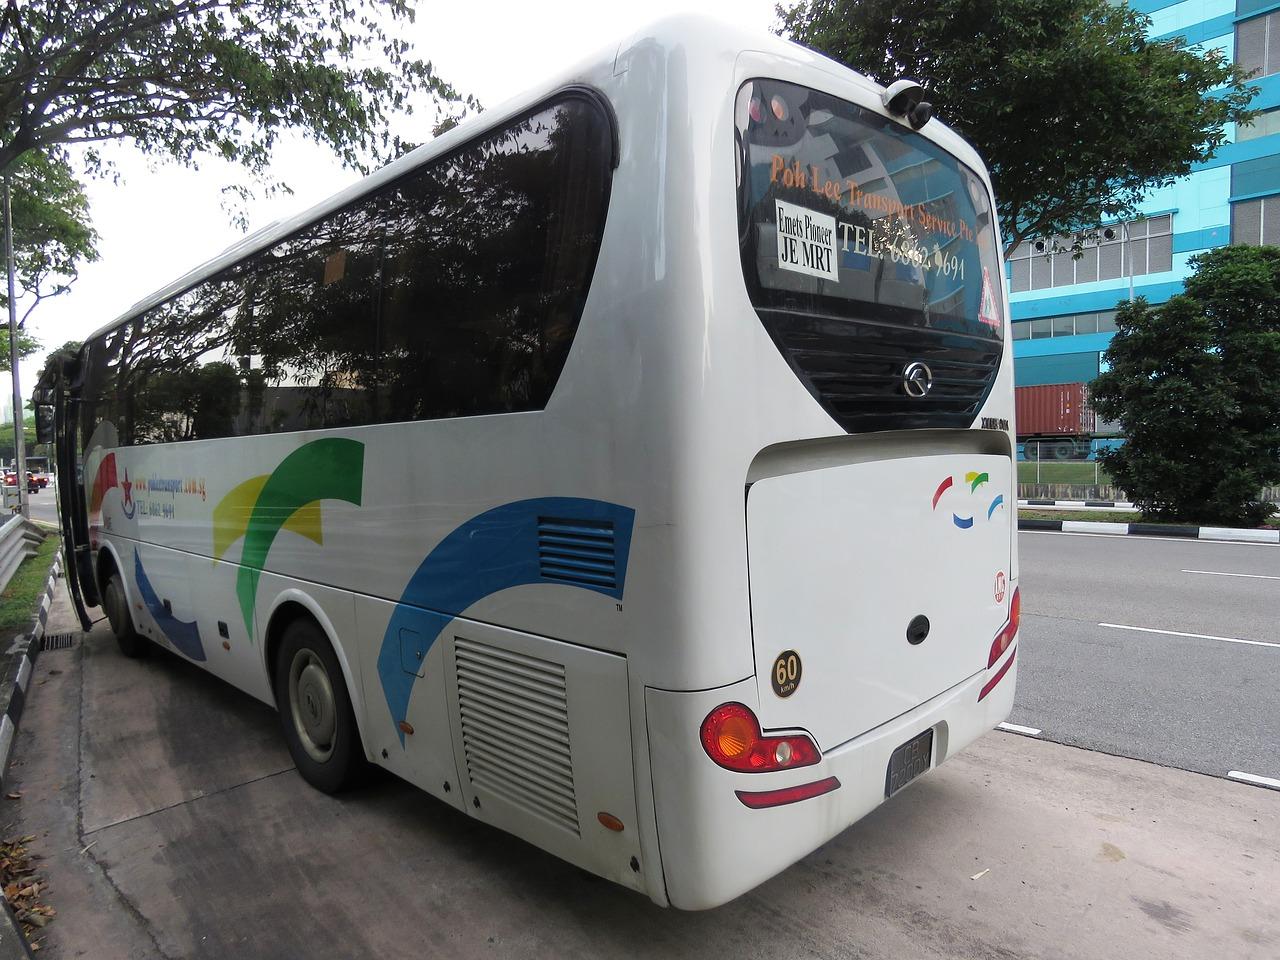 Hai visto? Accessori per viaggi in autobus, cosa portare